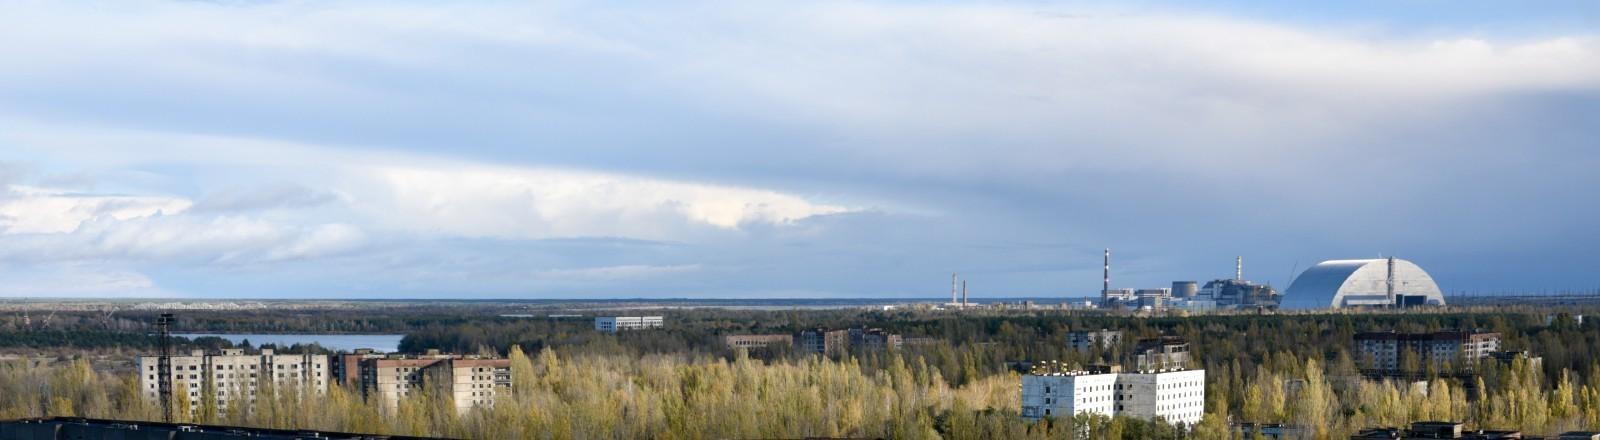 Blick auf das New Safe Confinement – die neue Schutzhülle über dem alten Sarkophag des Kernkraftwerkes Tschernobyl.